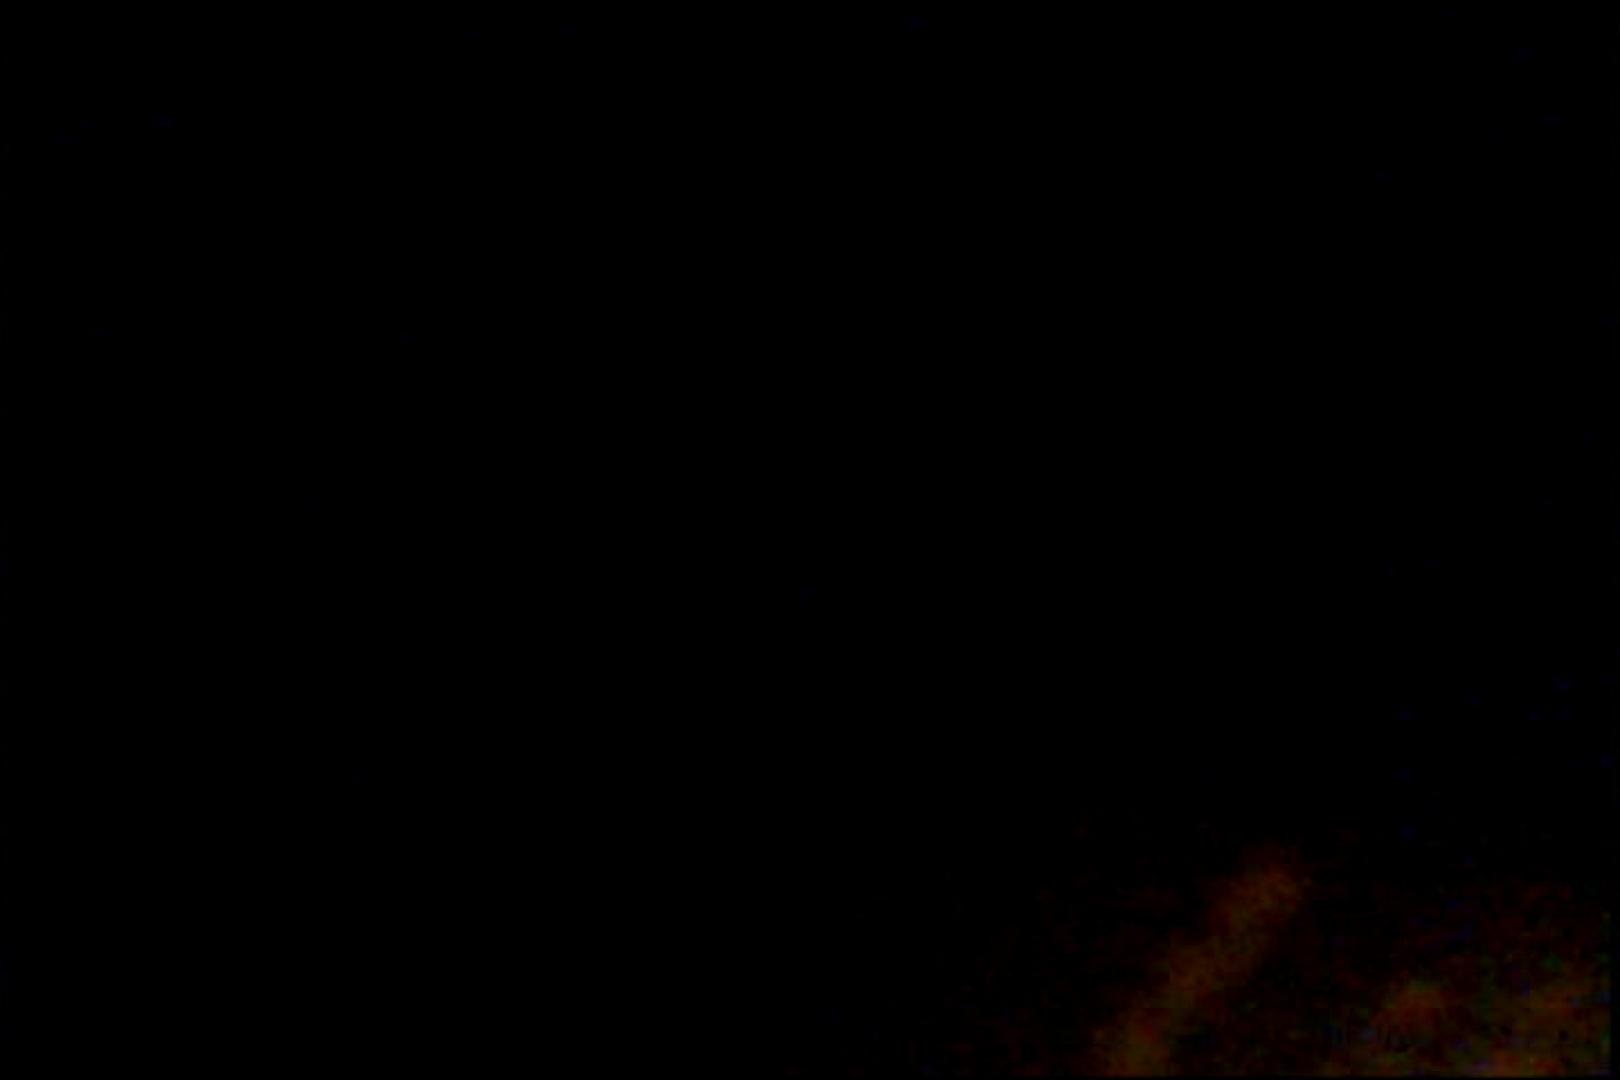 亀さんかわや VIPバージョン! vol.30 厠 隠し撮りオマンコ動画紹介 94連発 59